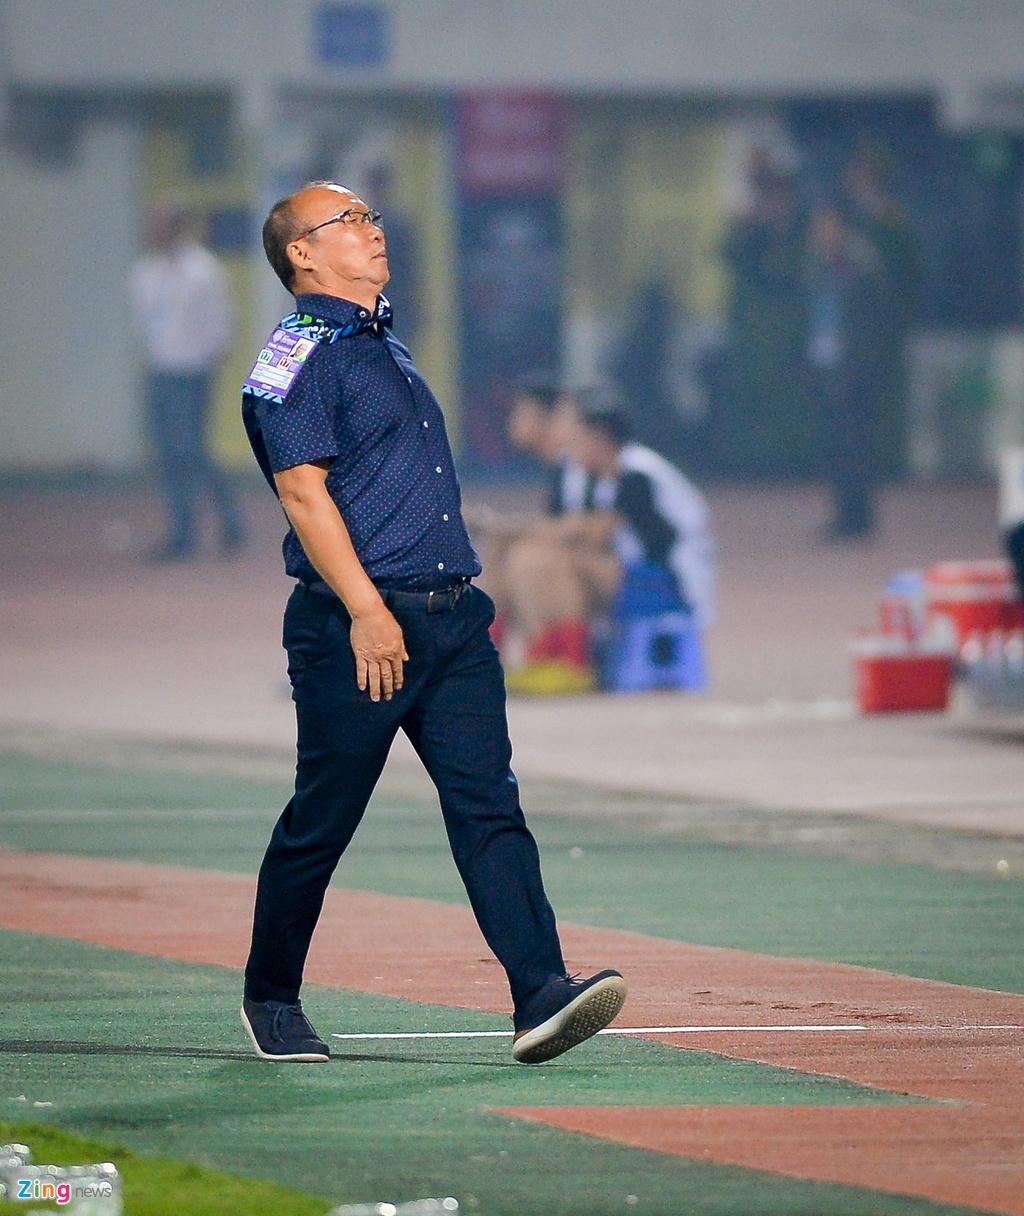 Phan ung dang yeu cua HLV Park Hang-seo trong tran gap Campuchia hinh anh 10